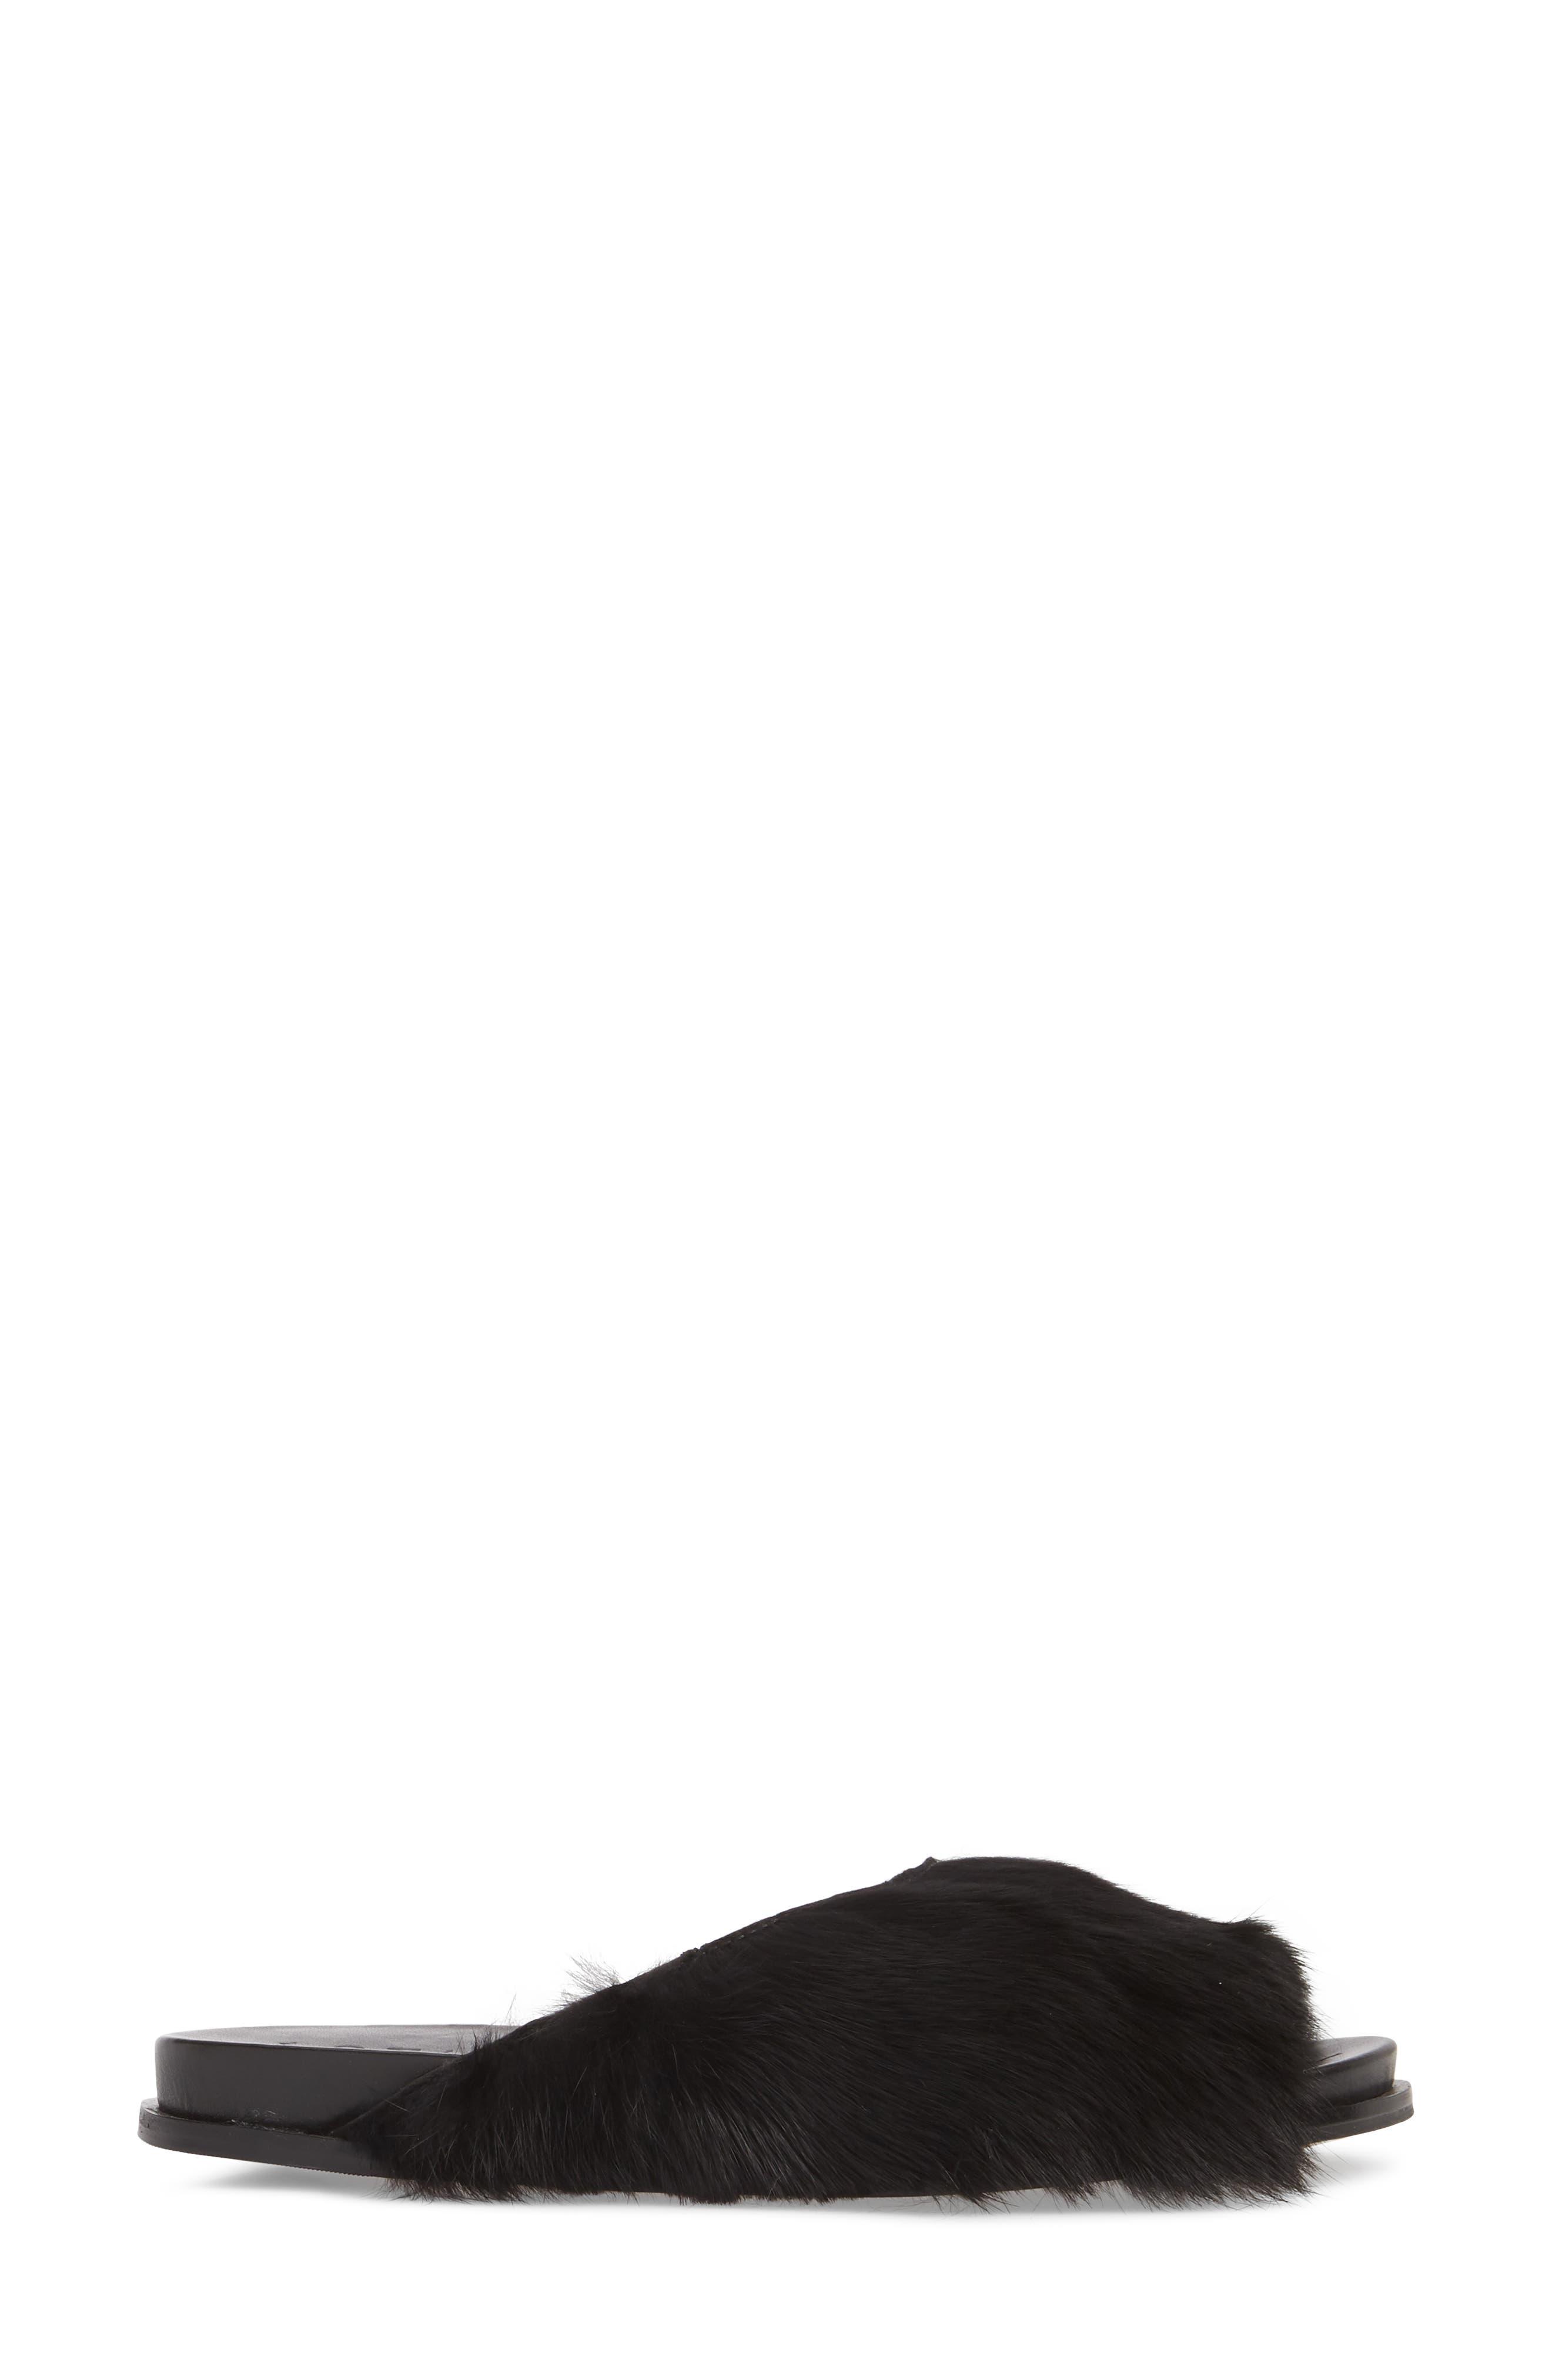 Onora Slide Sandal,                             Alternate thumbnail 3, color,                             001